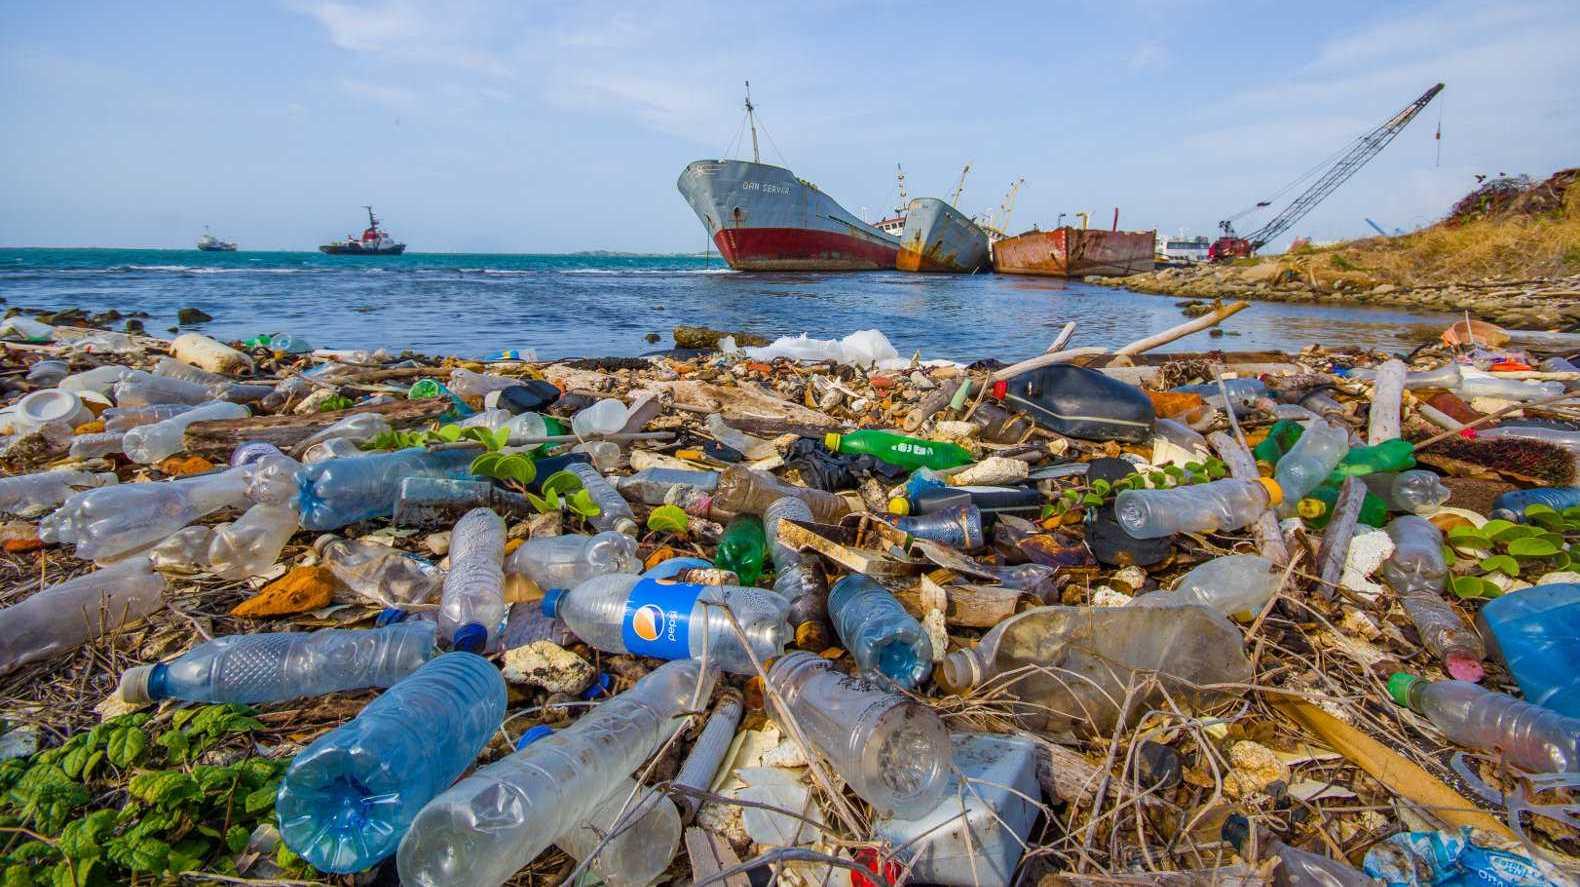 засорение пластиком